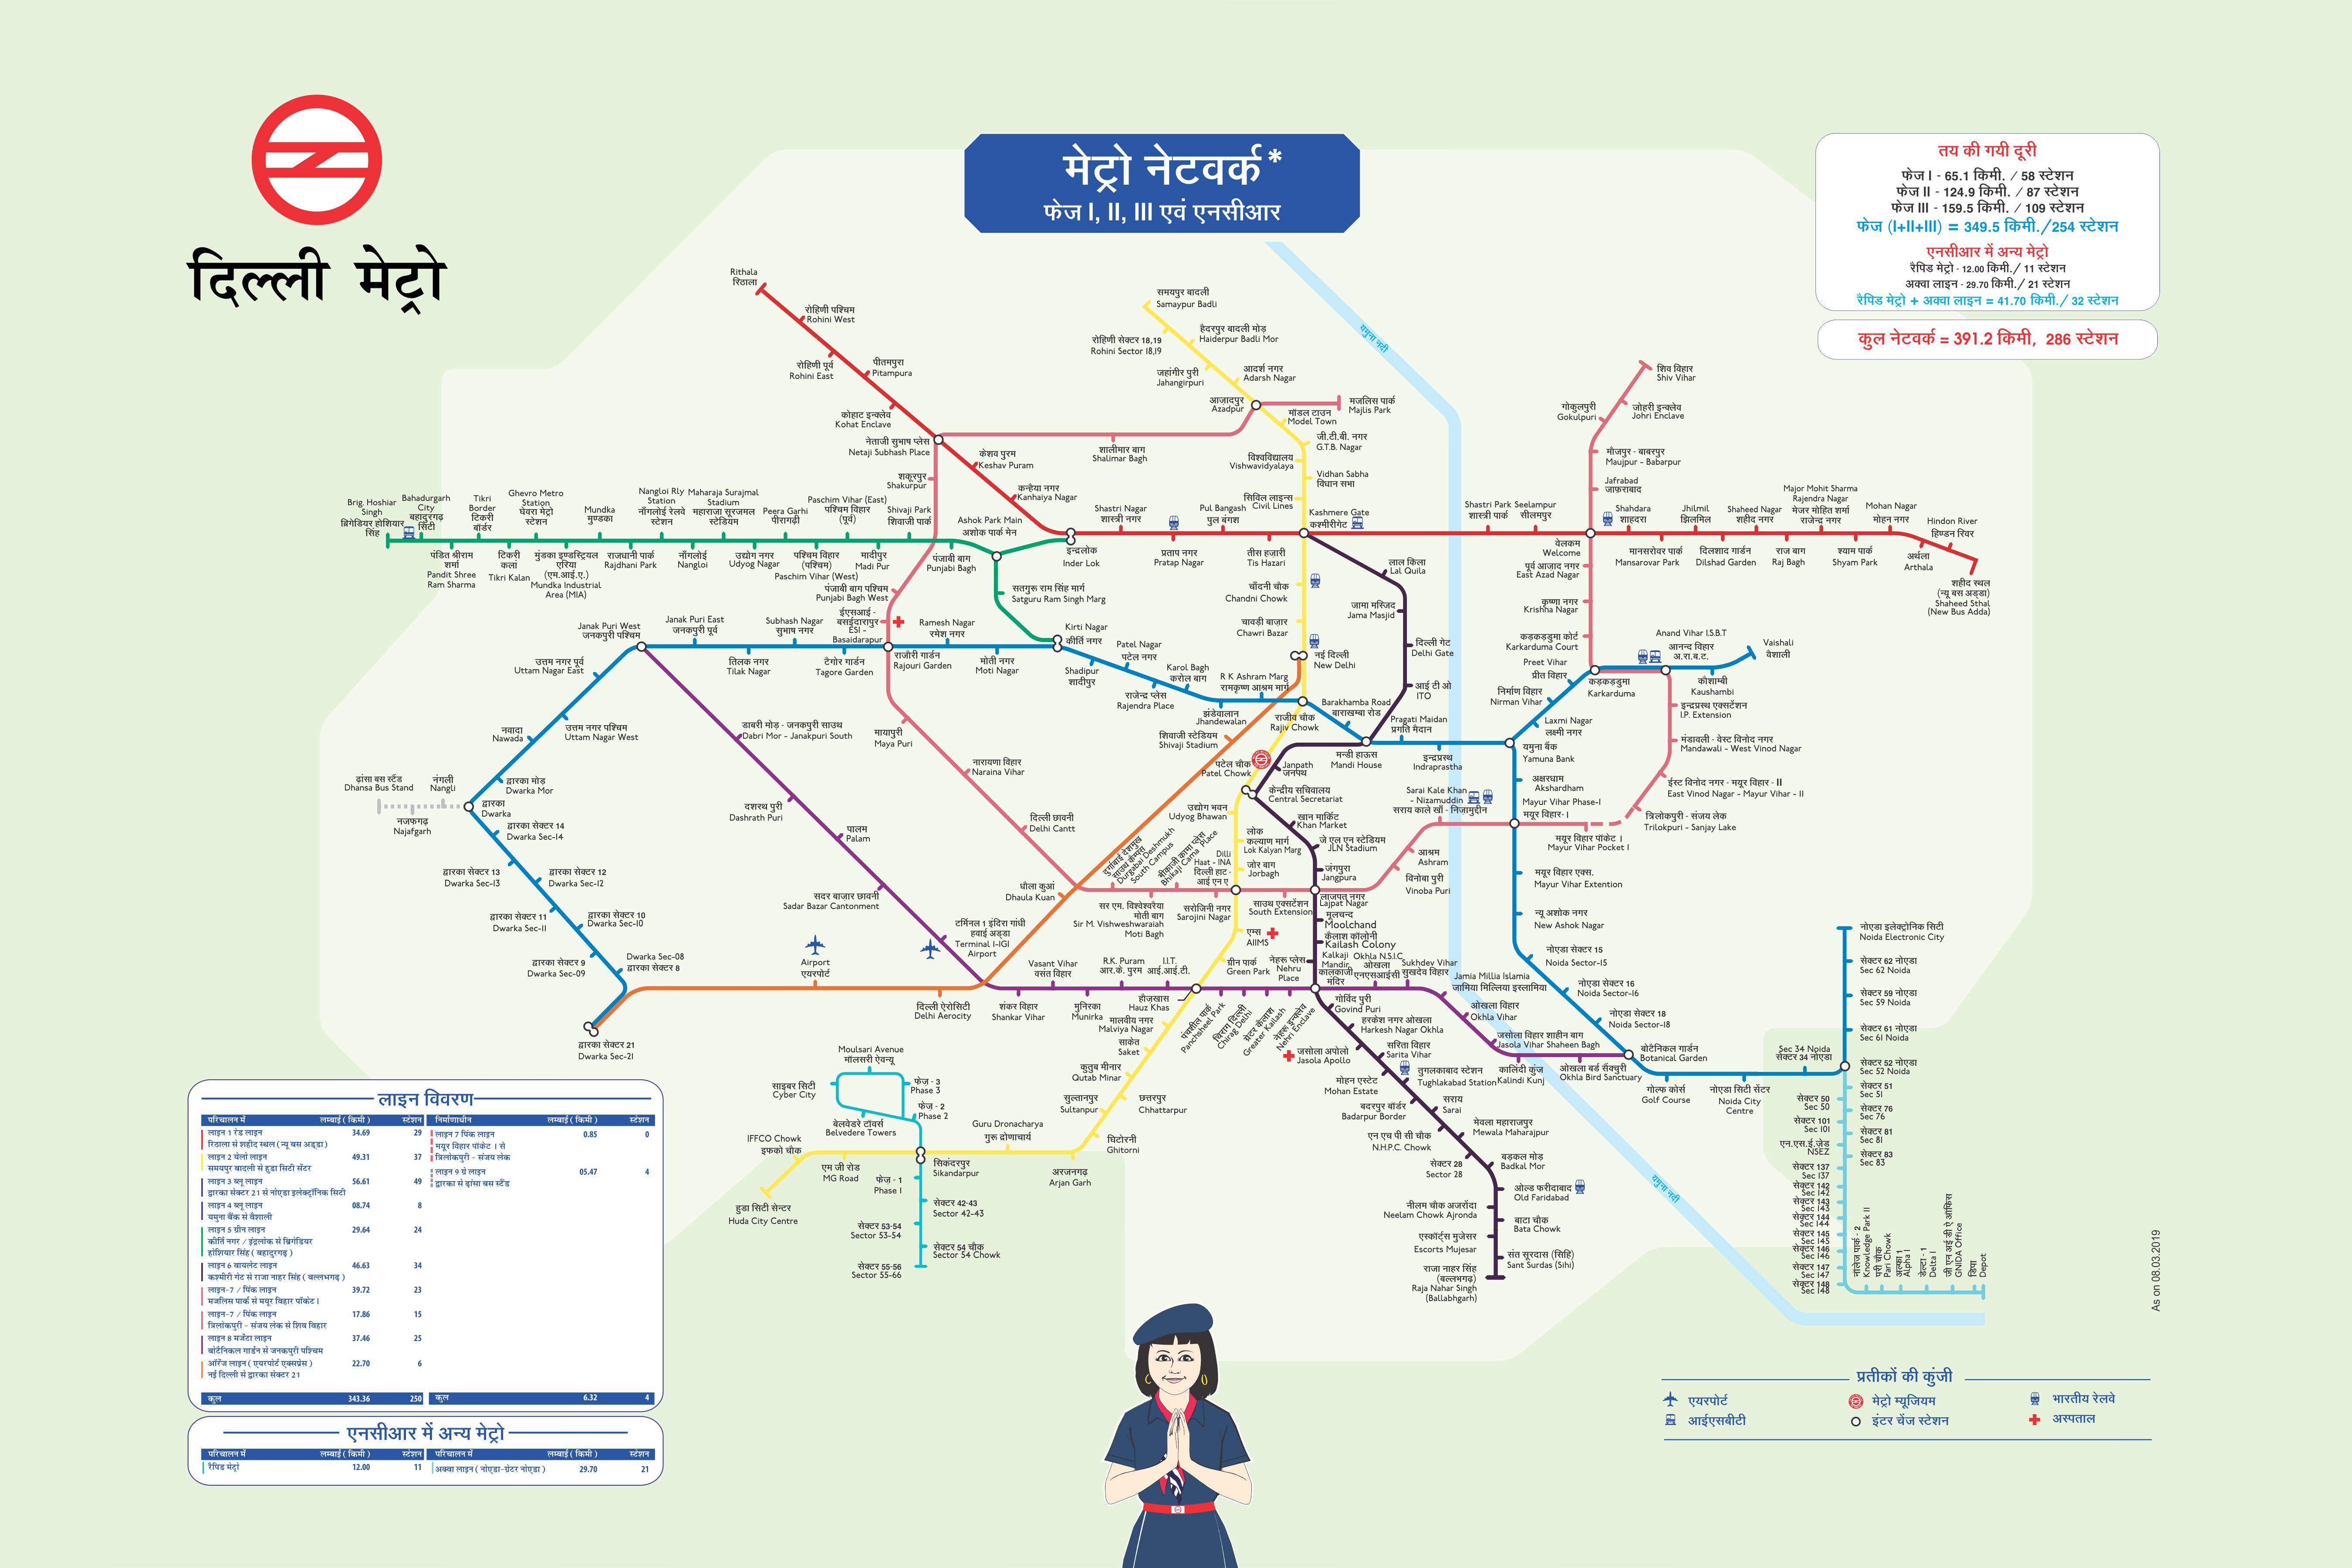 德里捷運地鐵攻略│各大景點及各線轉乘站懶人包 一次搞懂印度地鐵捷運